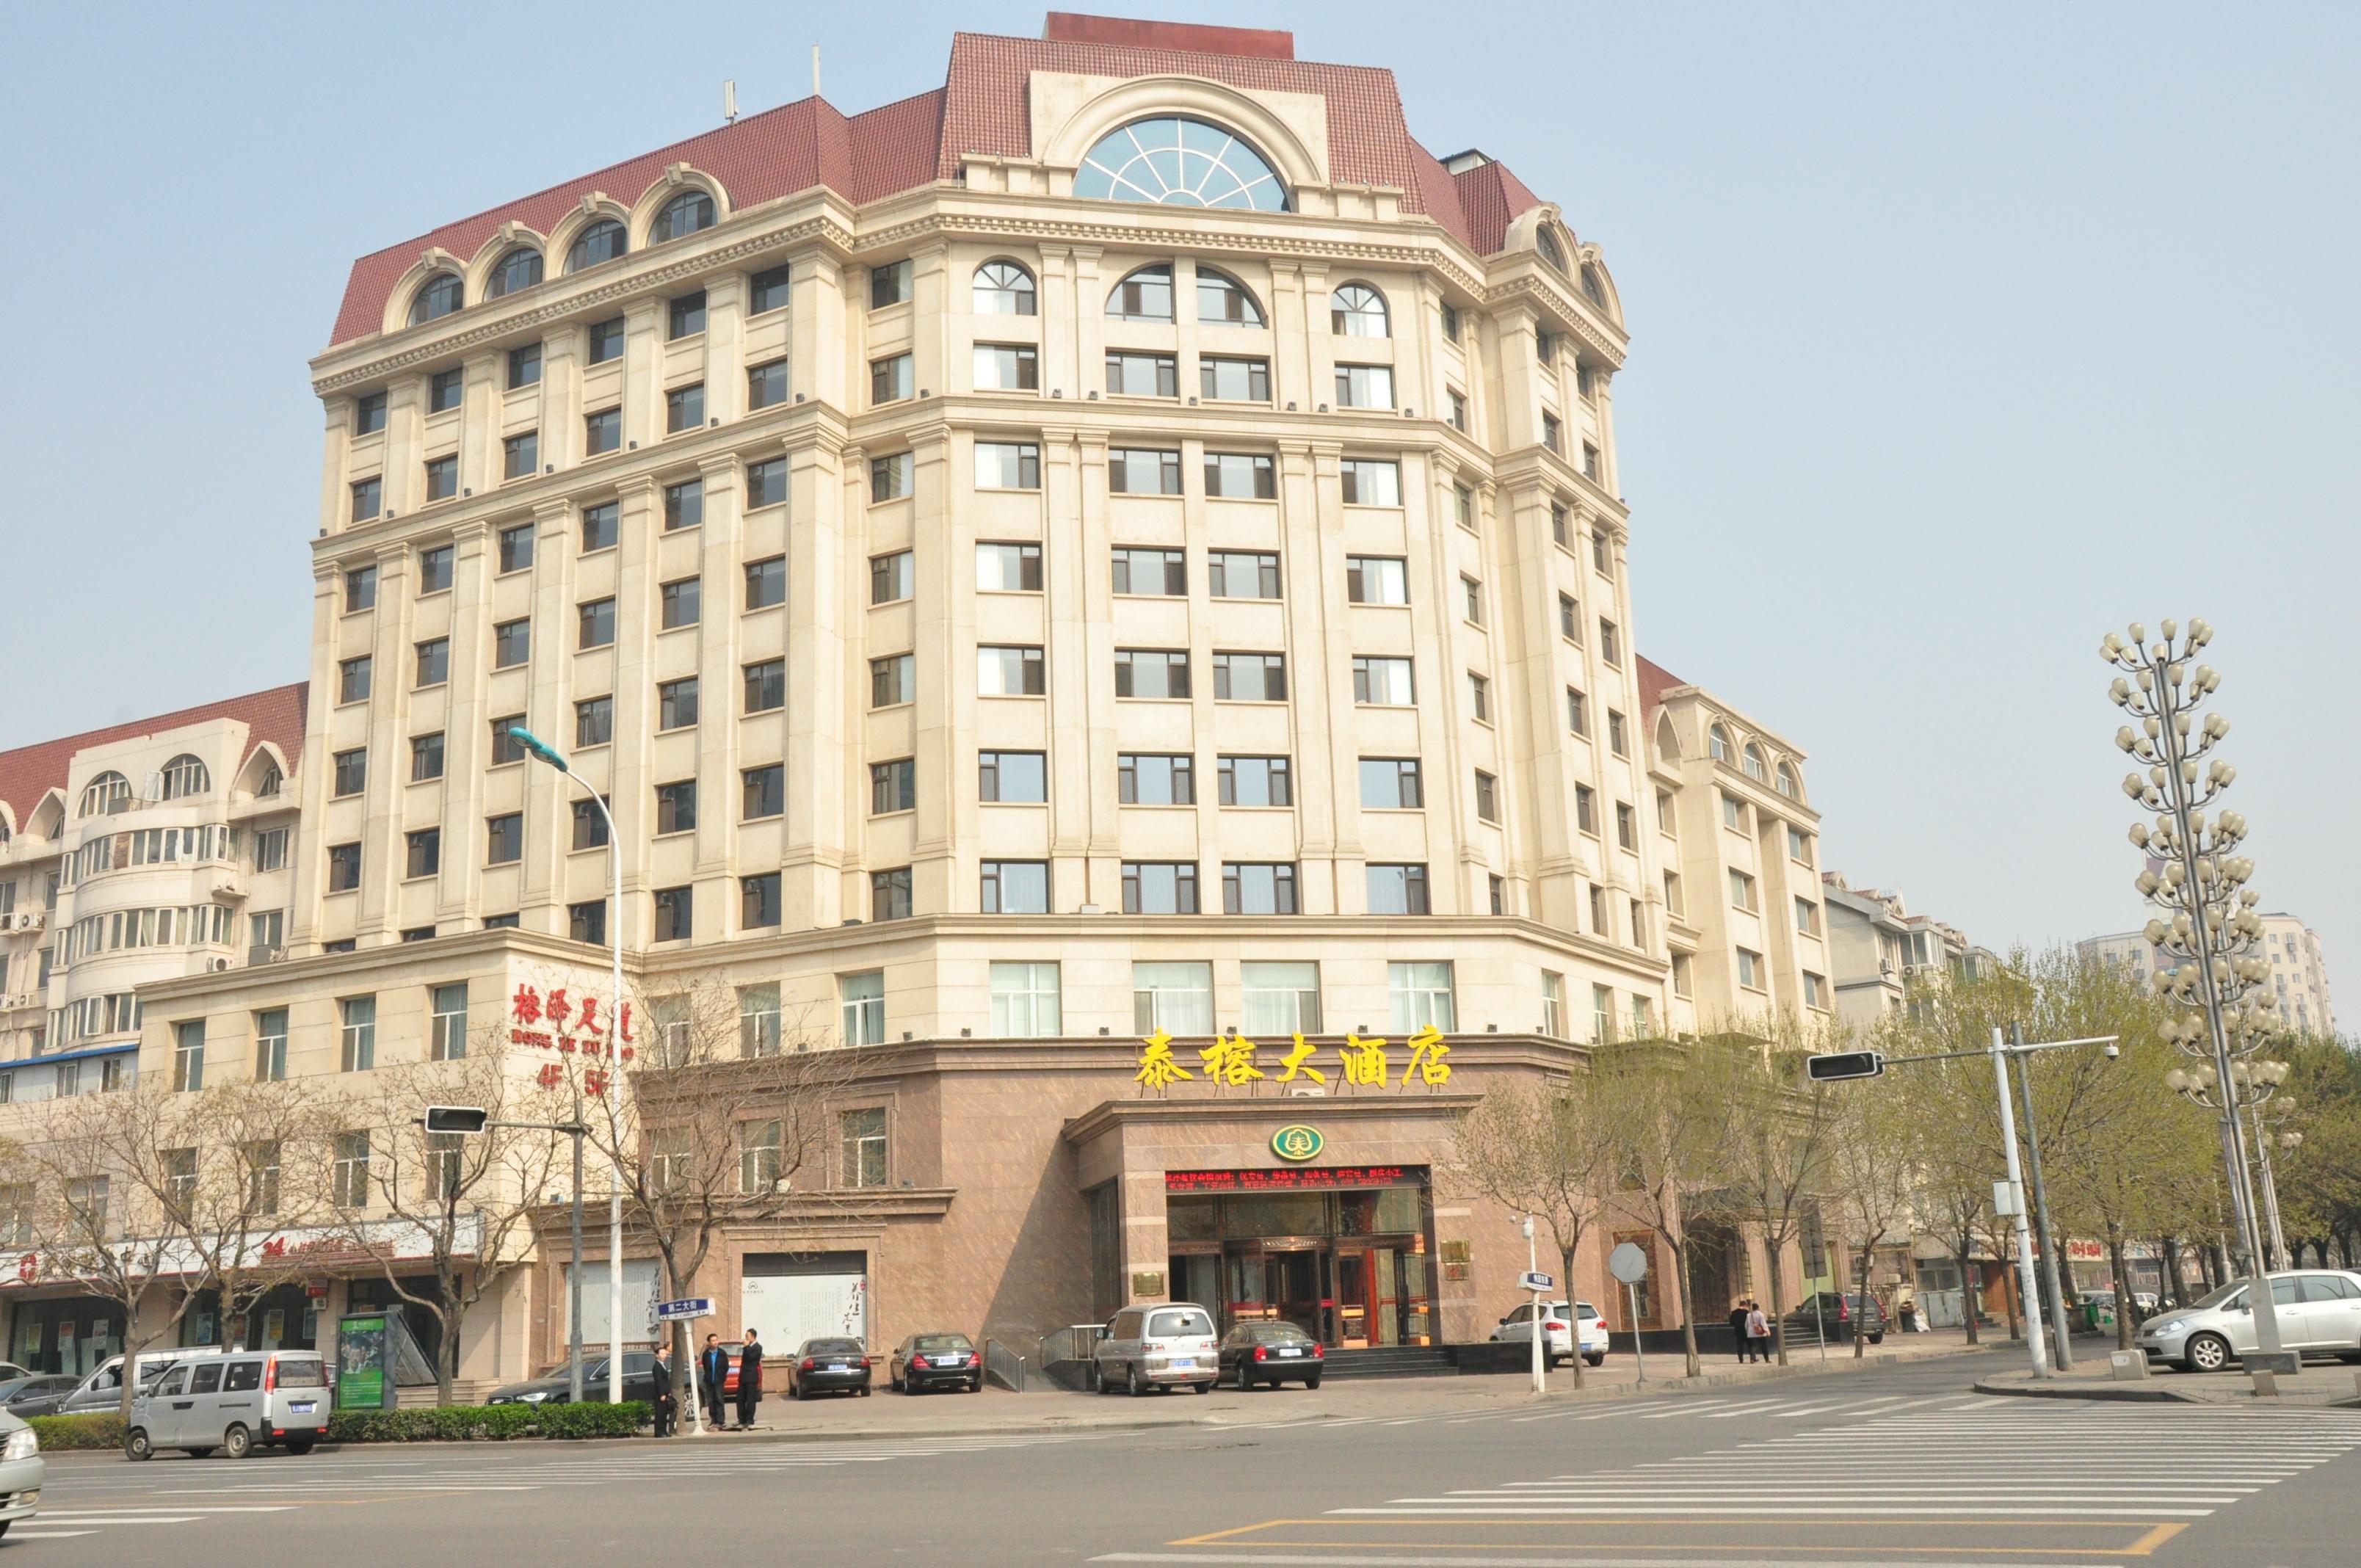 天津开发区泰榕大酒店有限公司招聘信息_最佳东方